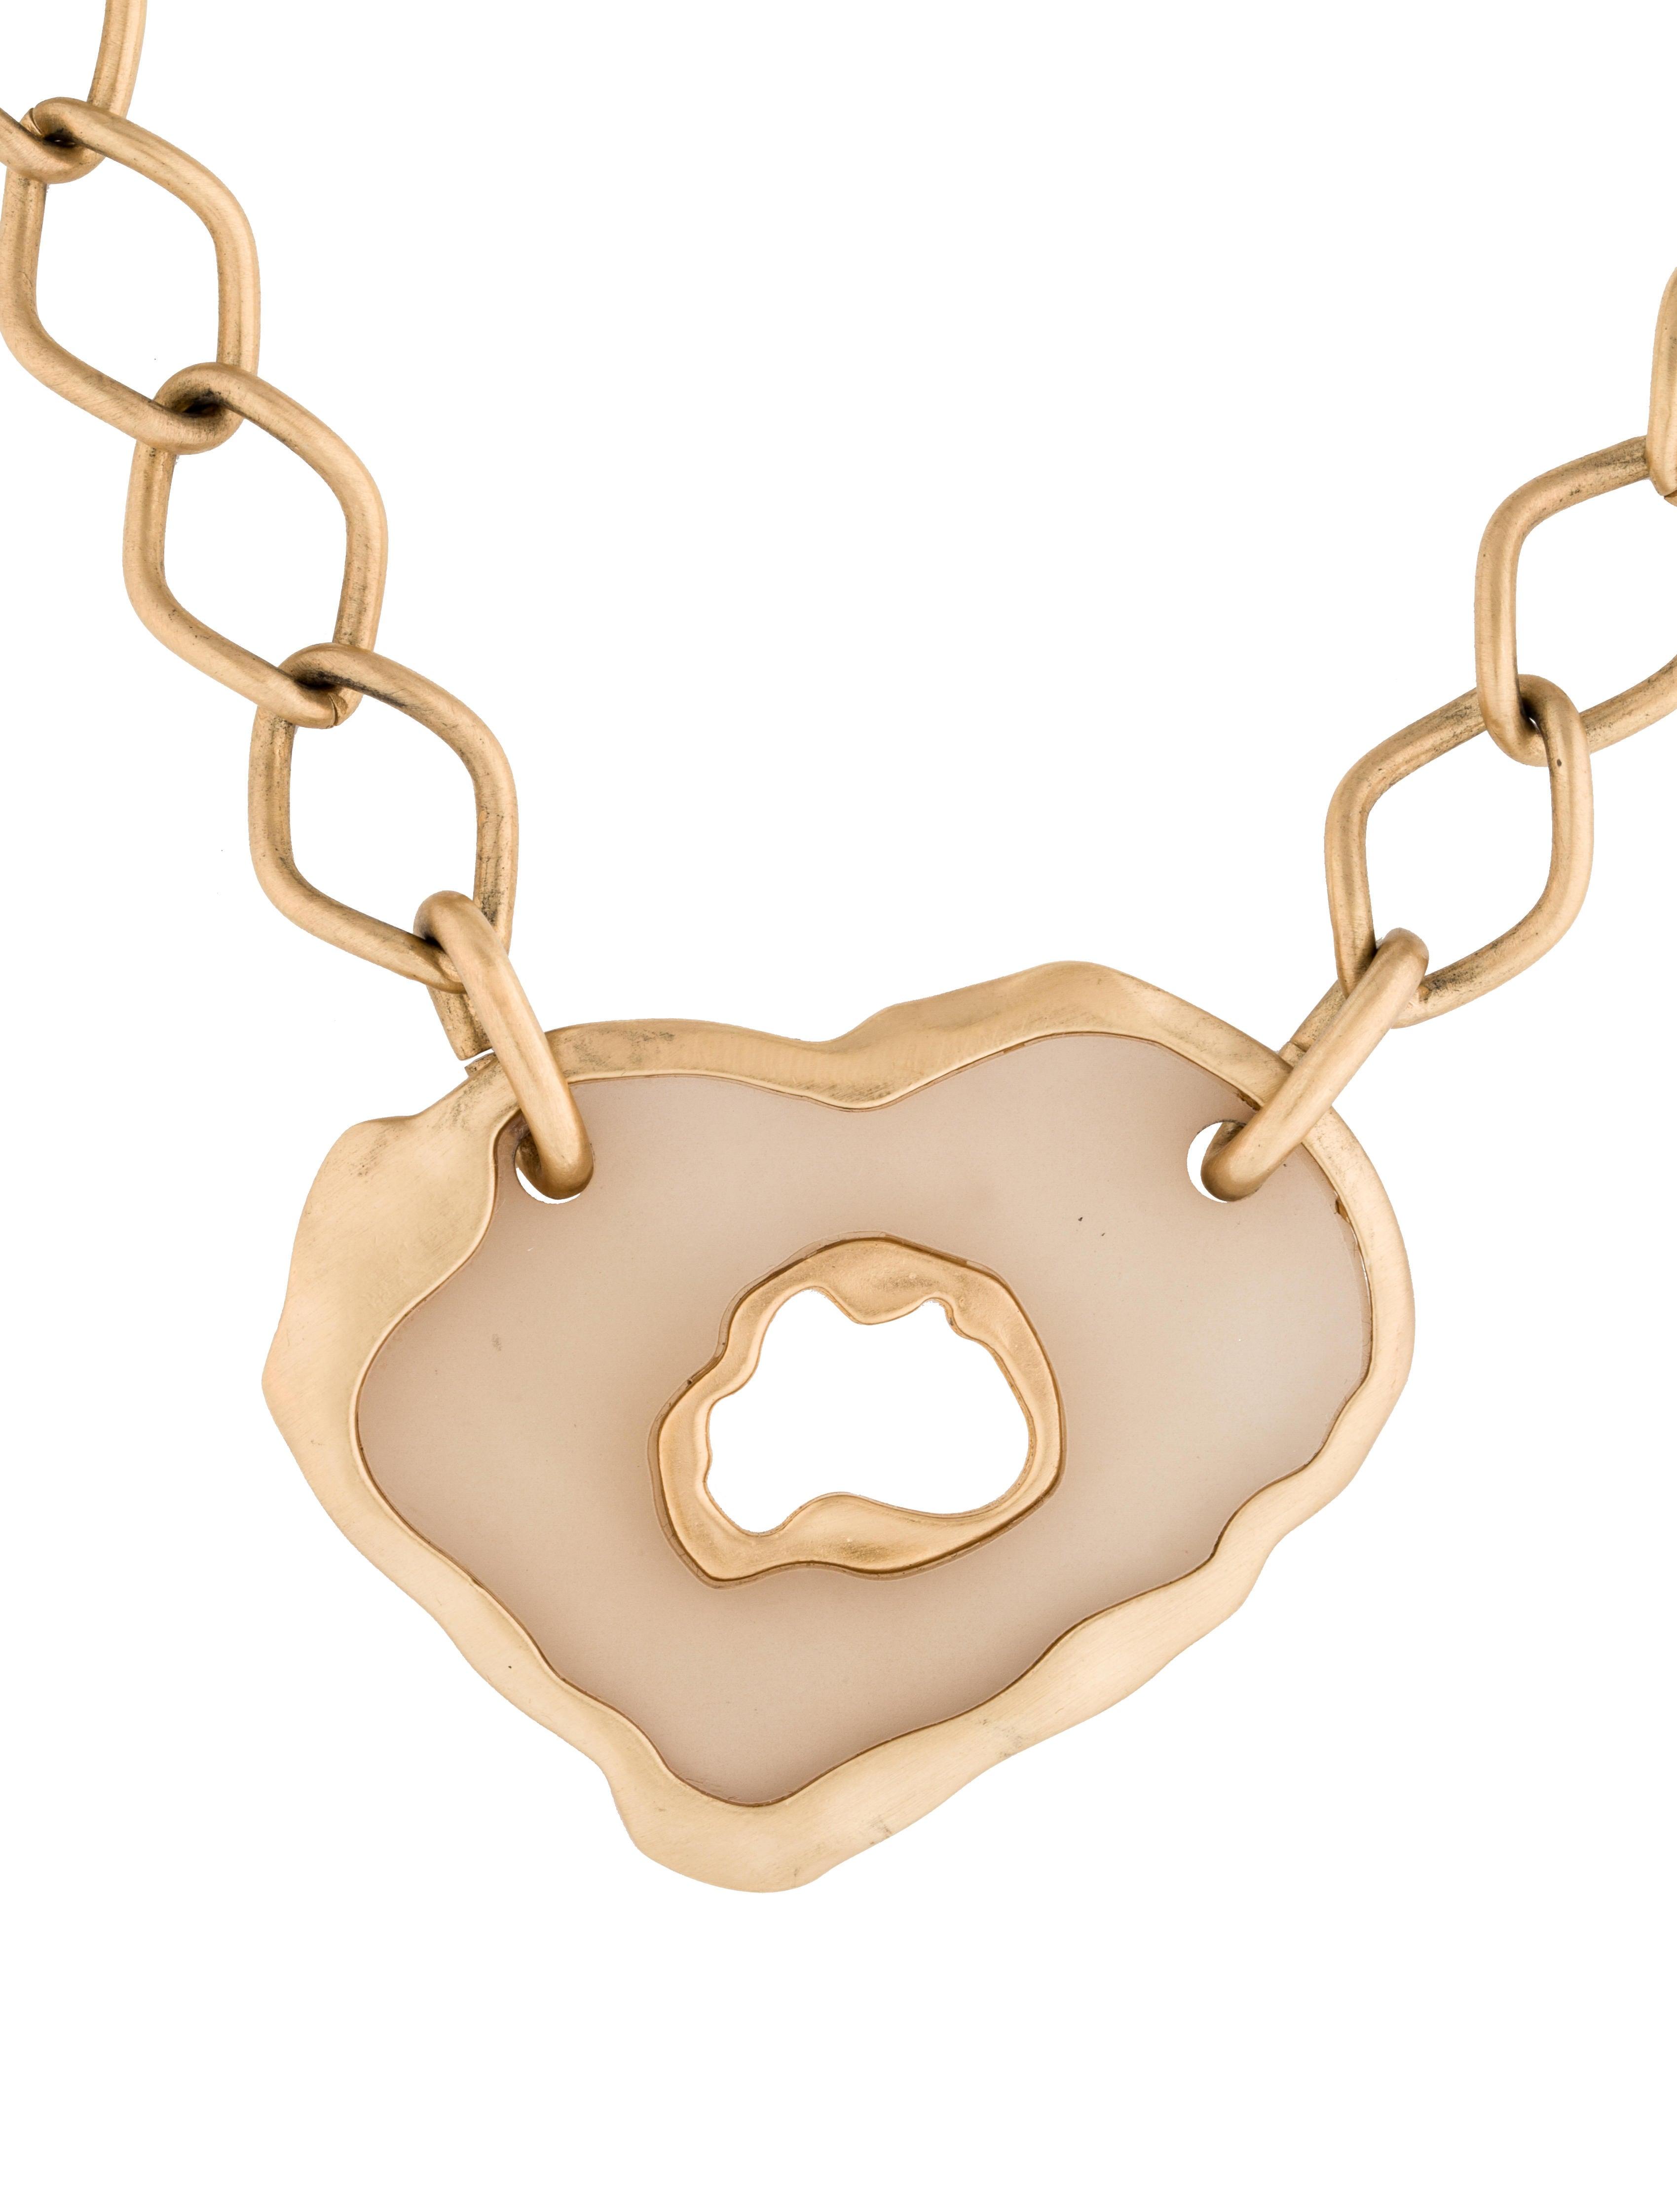 salvatore ferragamo lucite pendant necklace necklaces